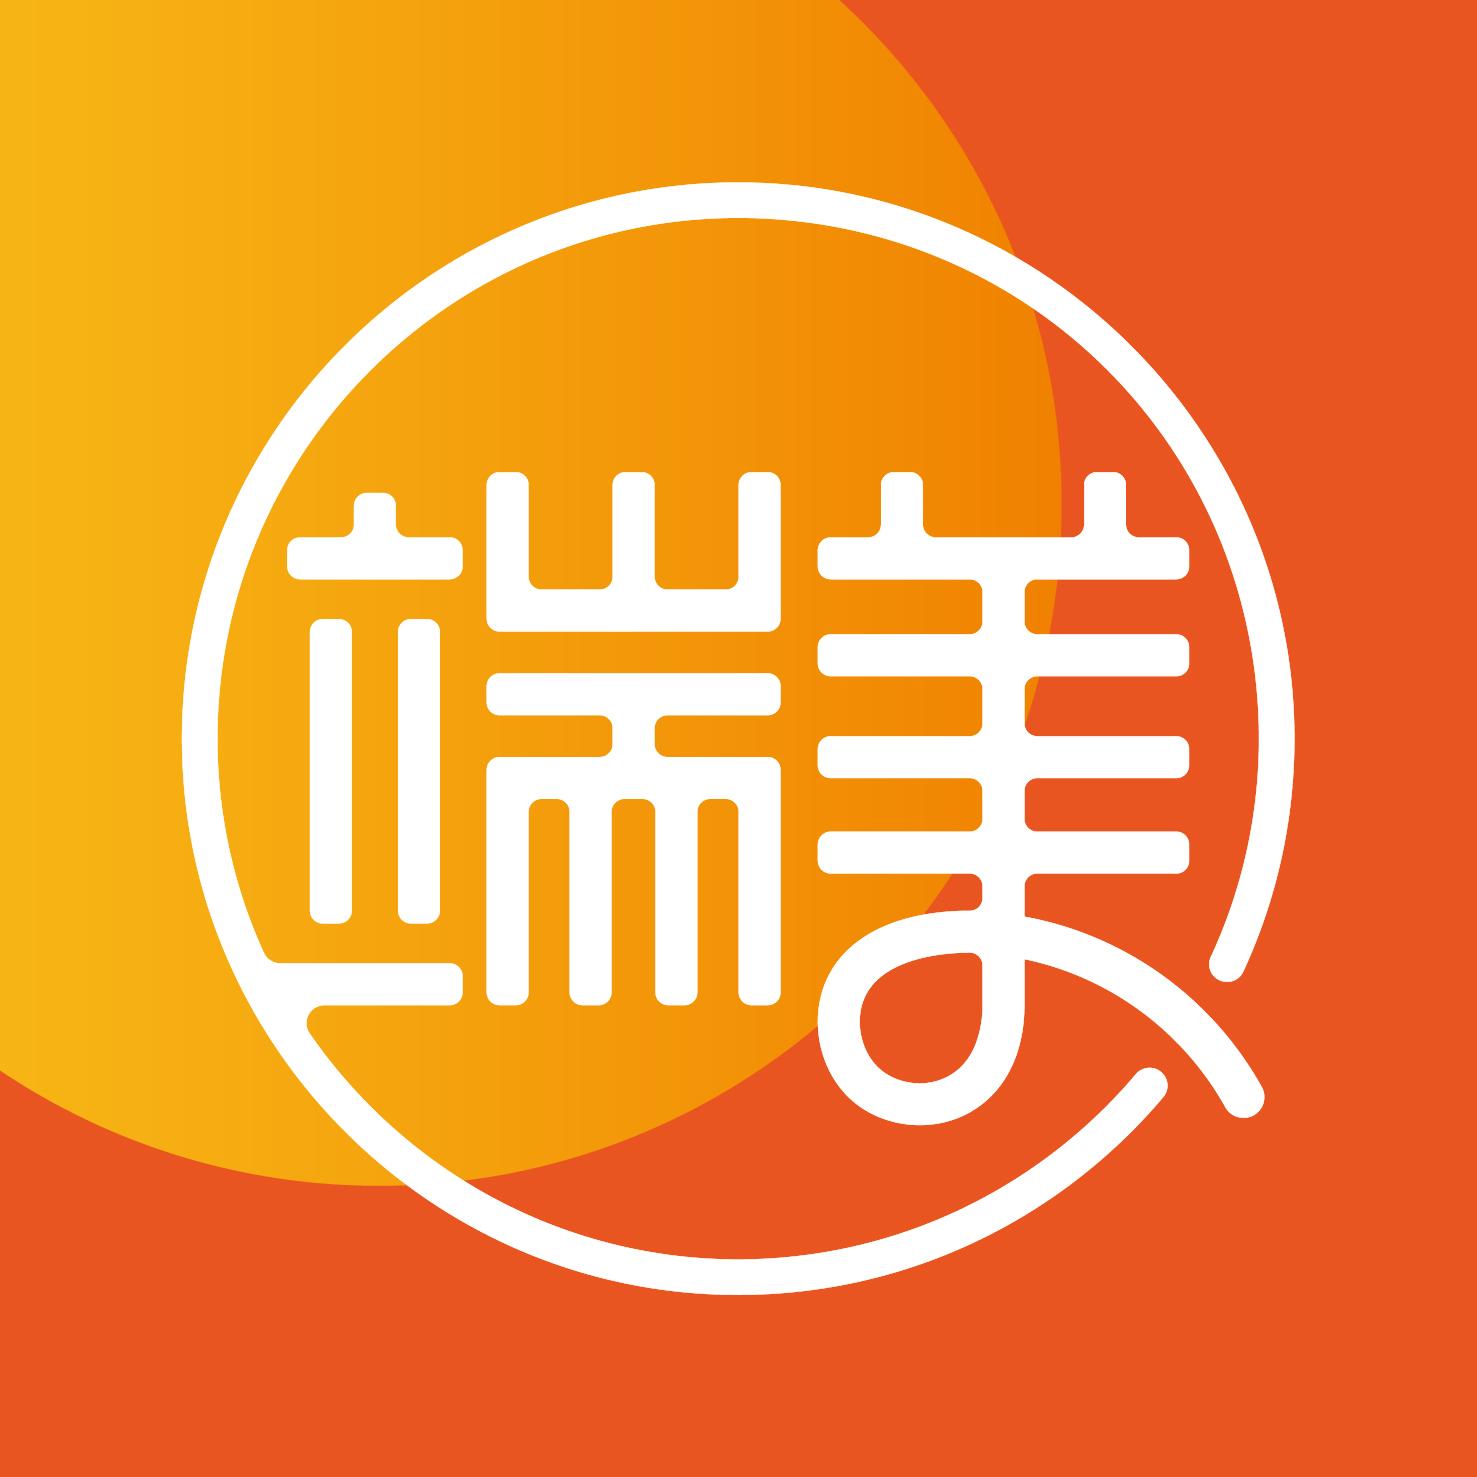 中山市税务局 电子书制作软件